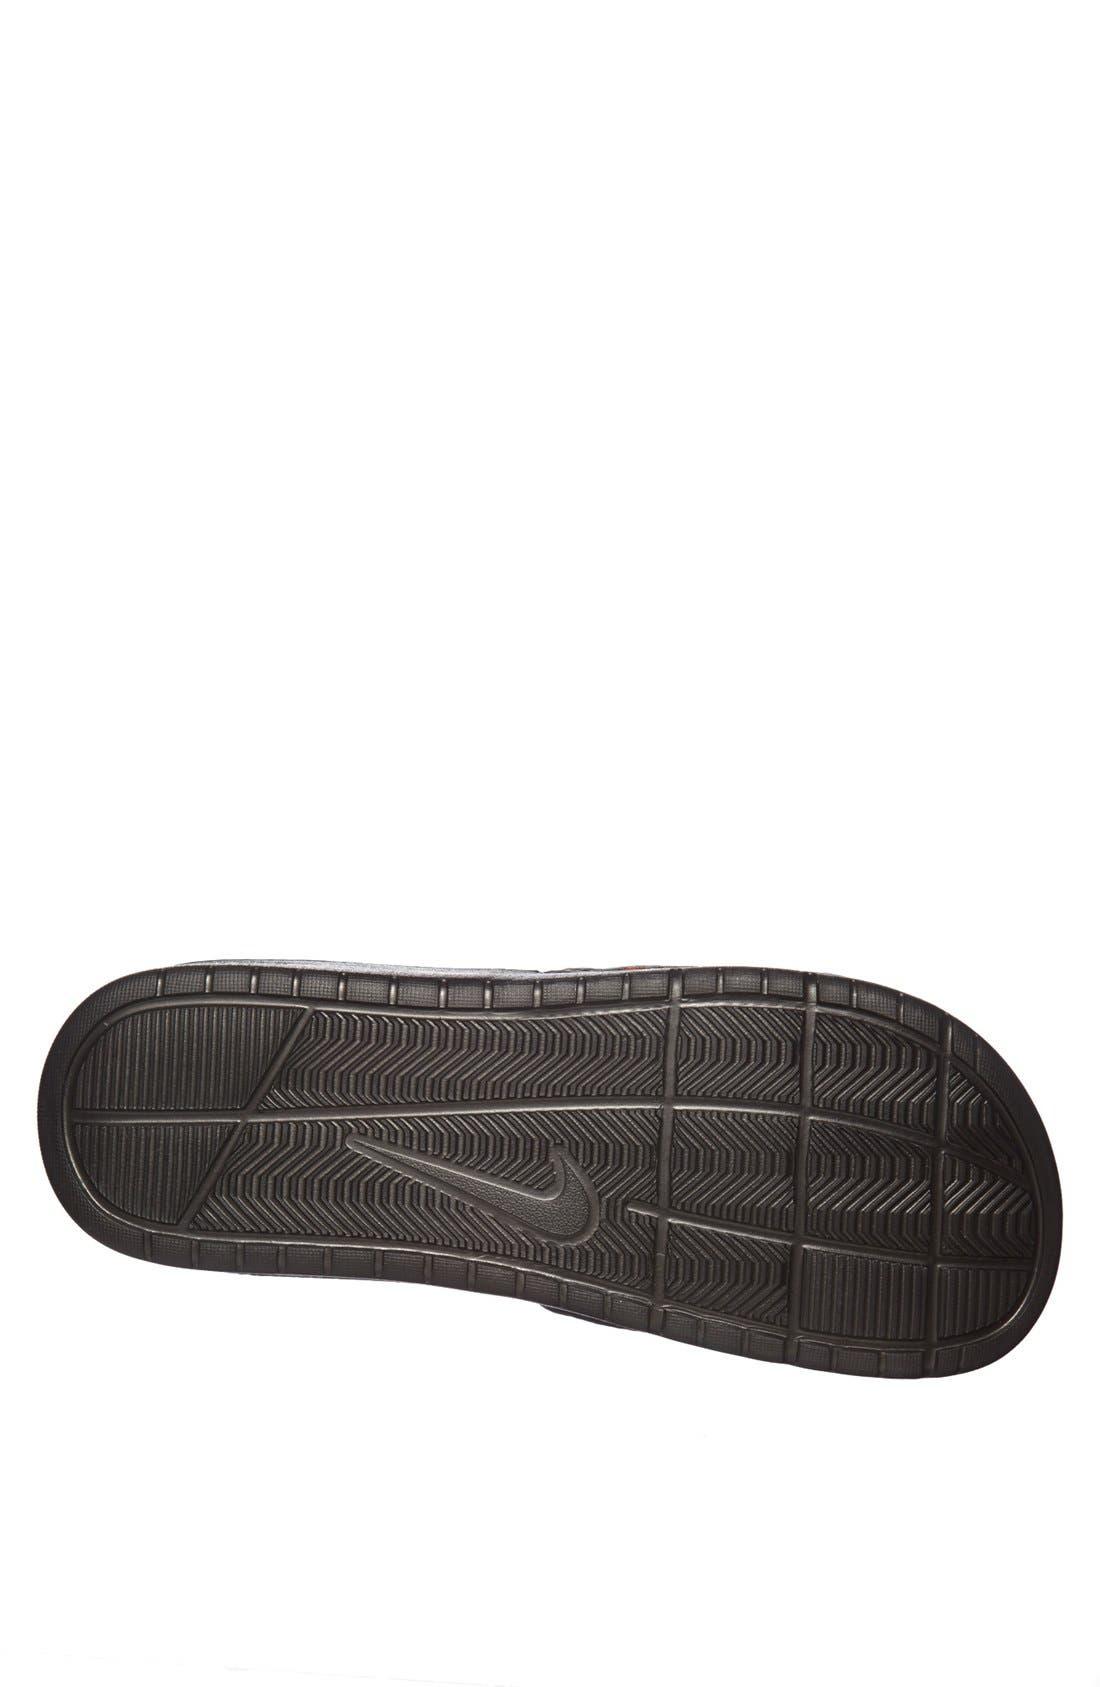 Alternate Image 4  - Nike 'Benassi SolarSoft' Sandal